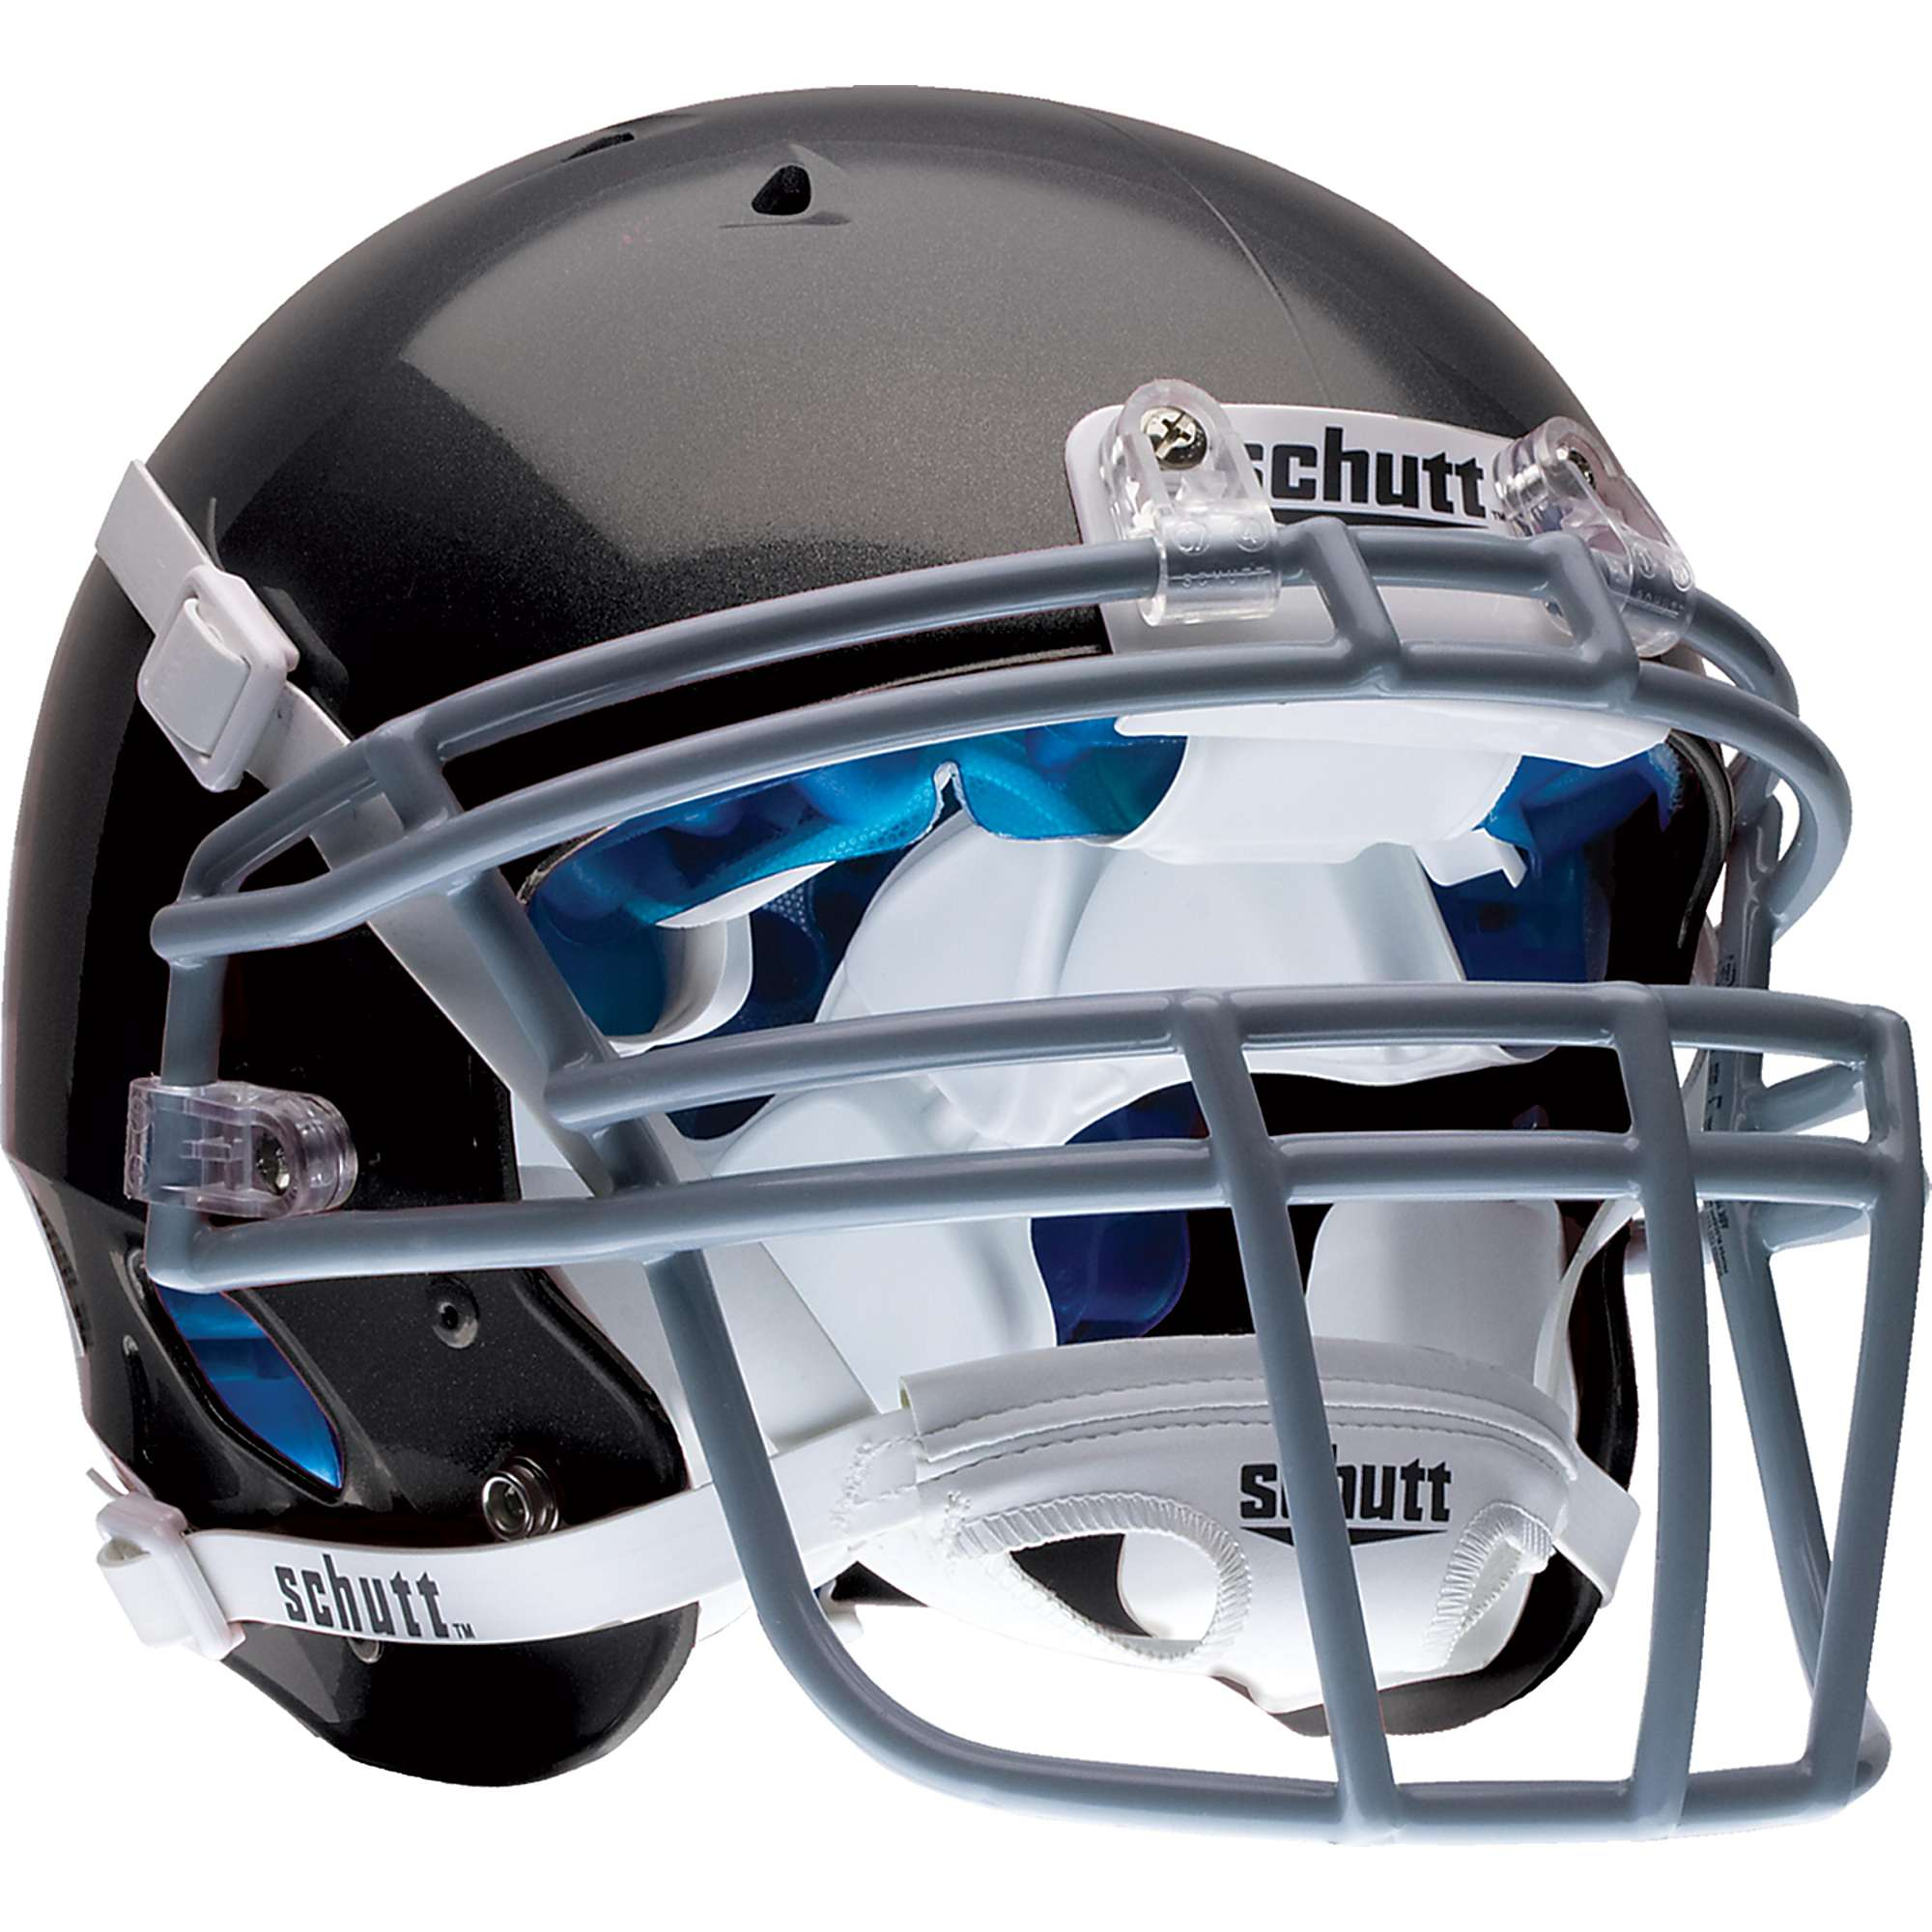 Schutt 2011 Adult Dna Pro+ Football Helmet | eBay